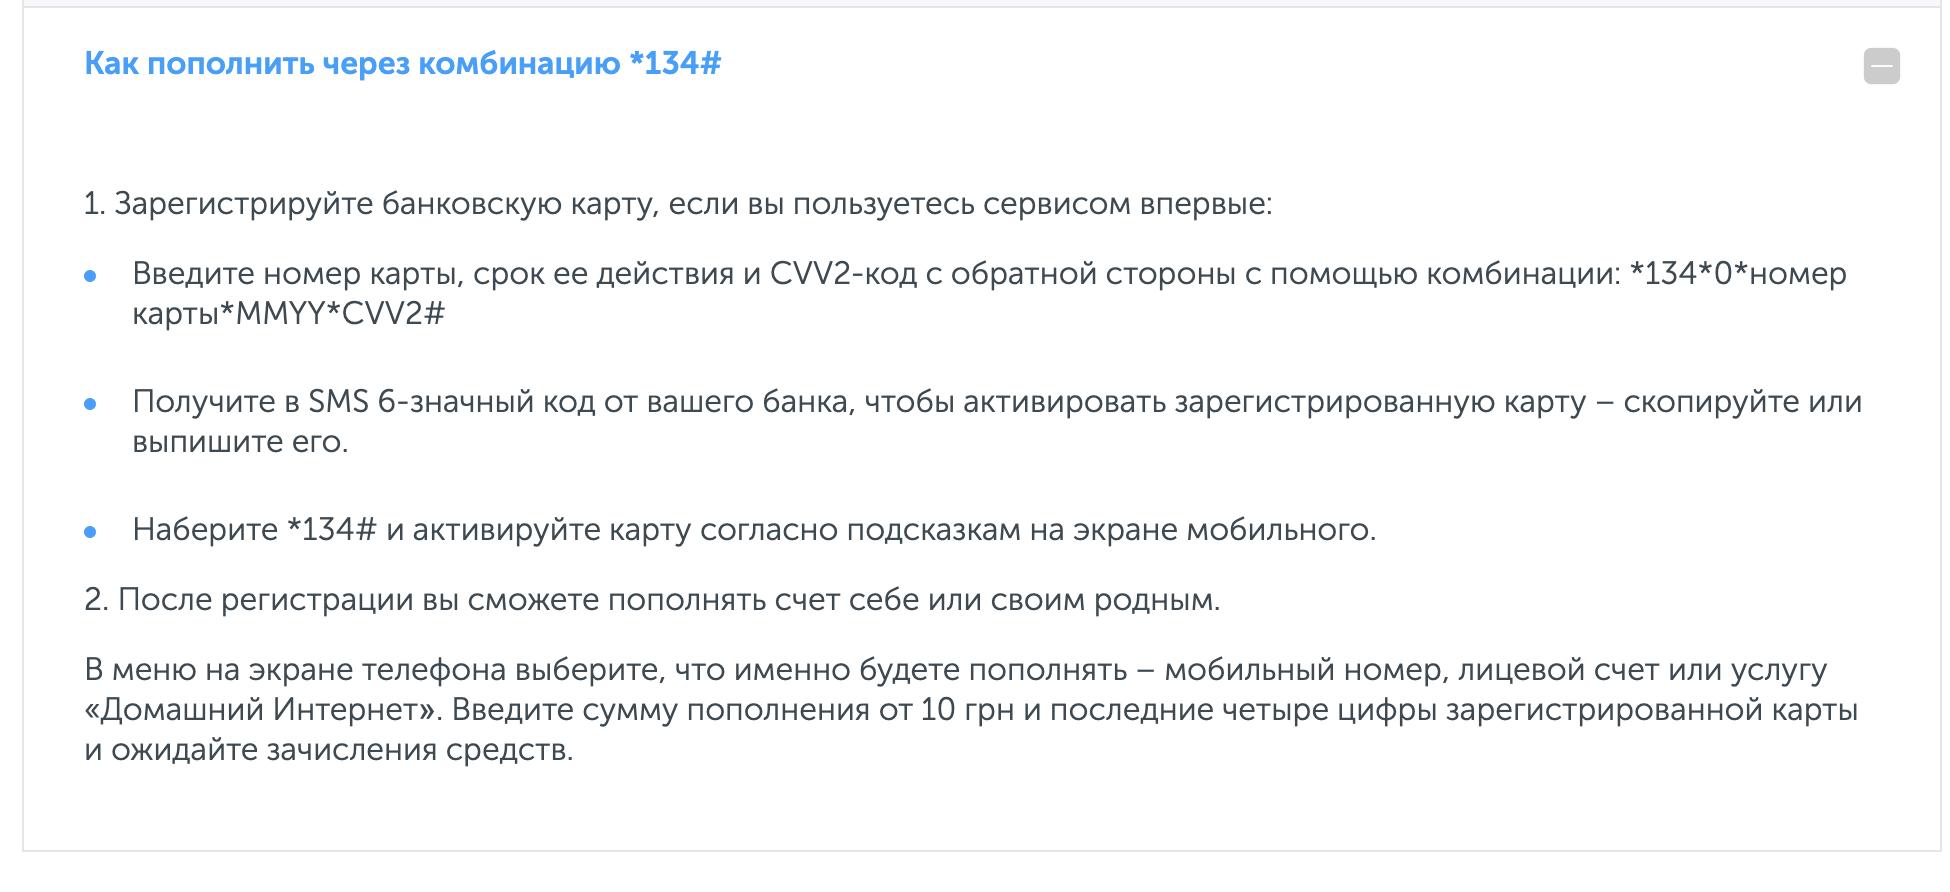 """Как пополнить счет мобильного оператора """"Киевстар"""": 4 простых способа — фото 3"""